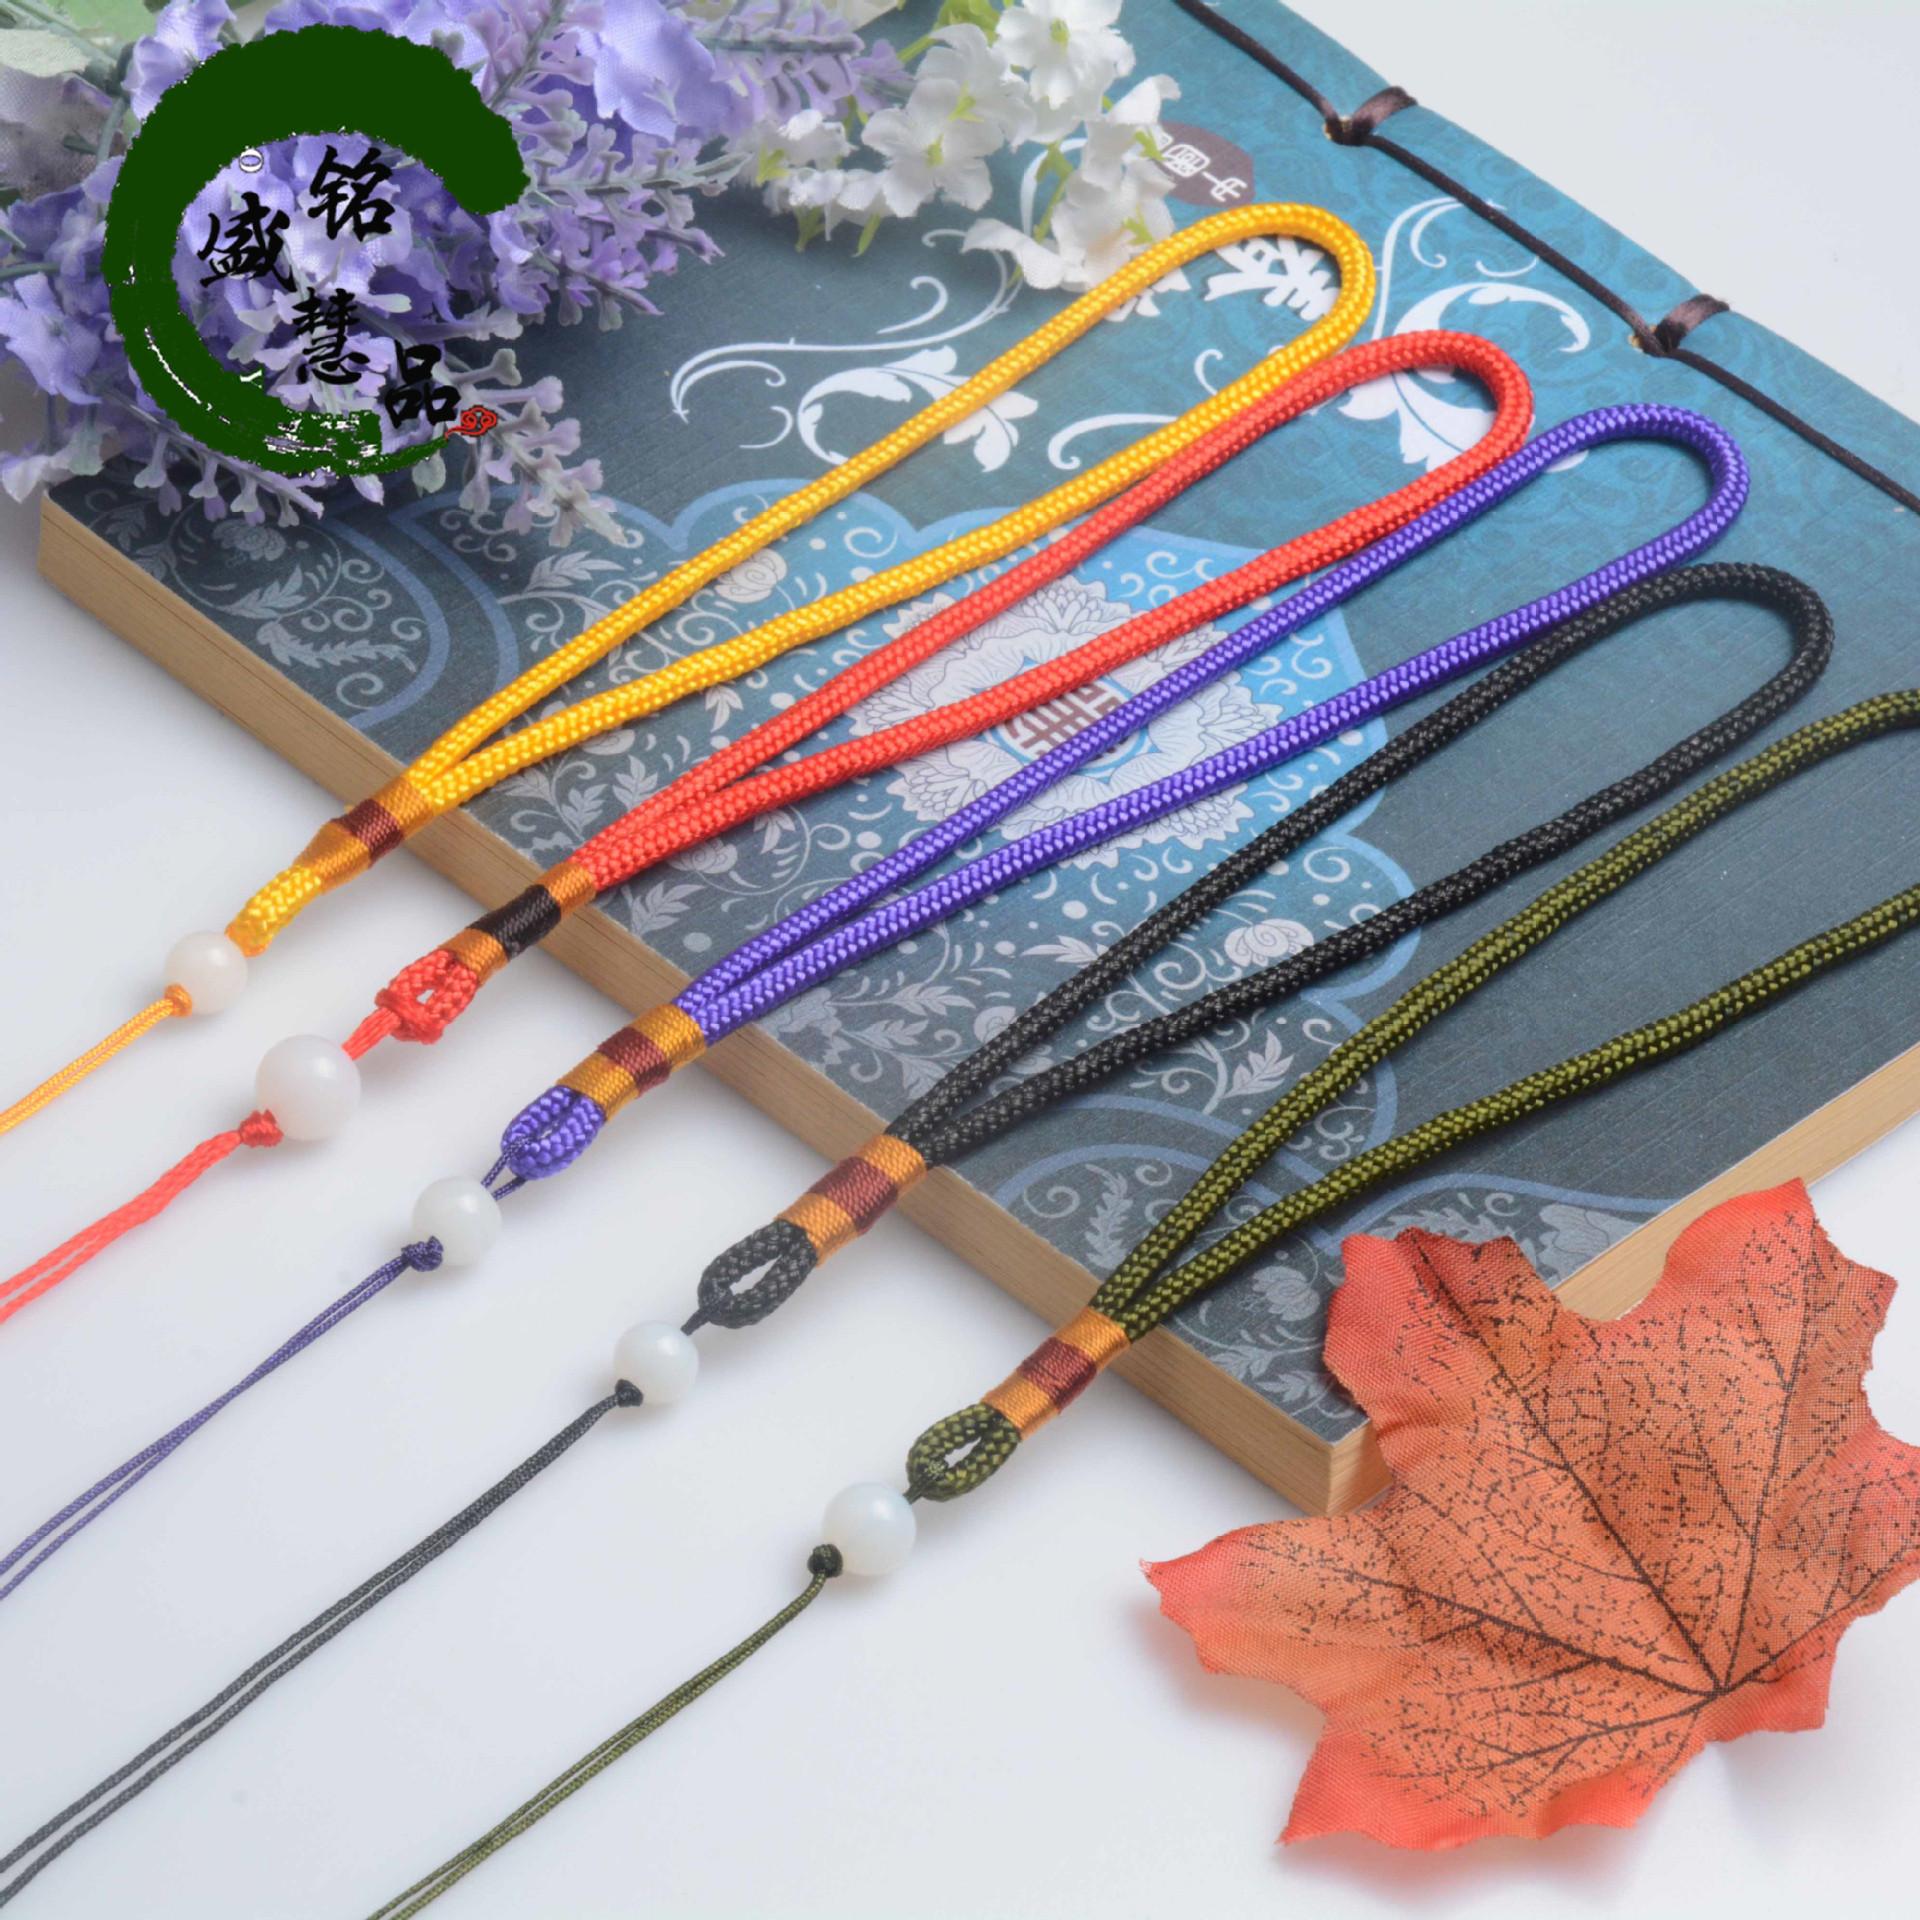 手工编织玻璃珠手把绳 香包流苏饰品挂绳 车挂手把件绳子厂家批发